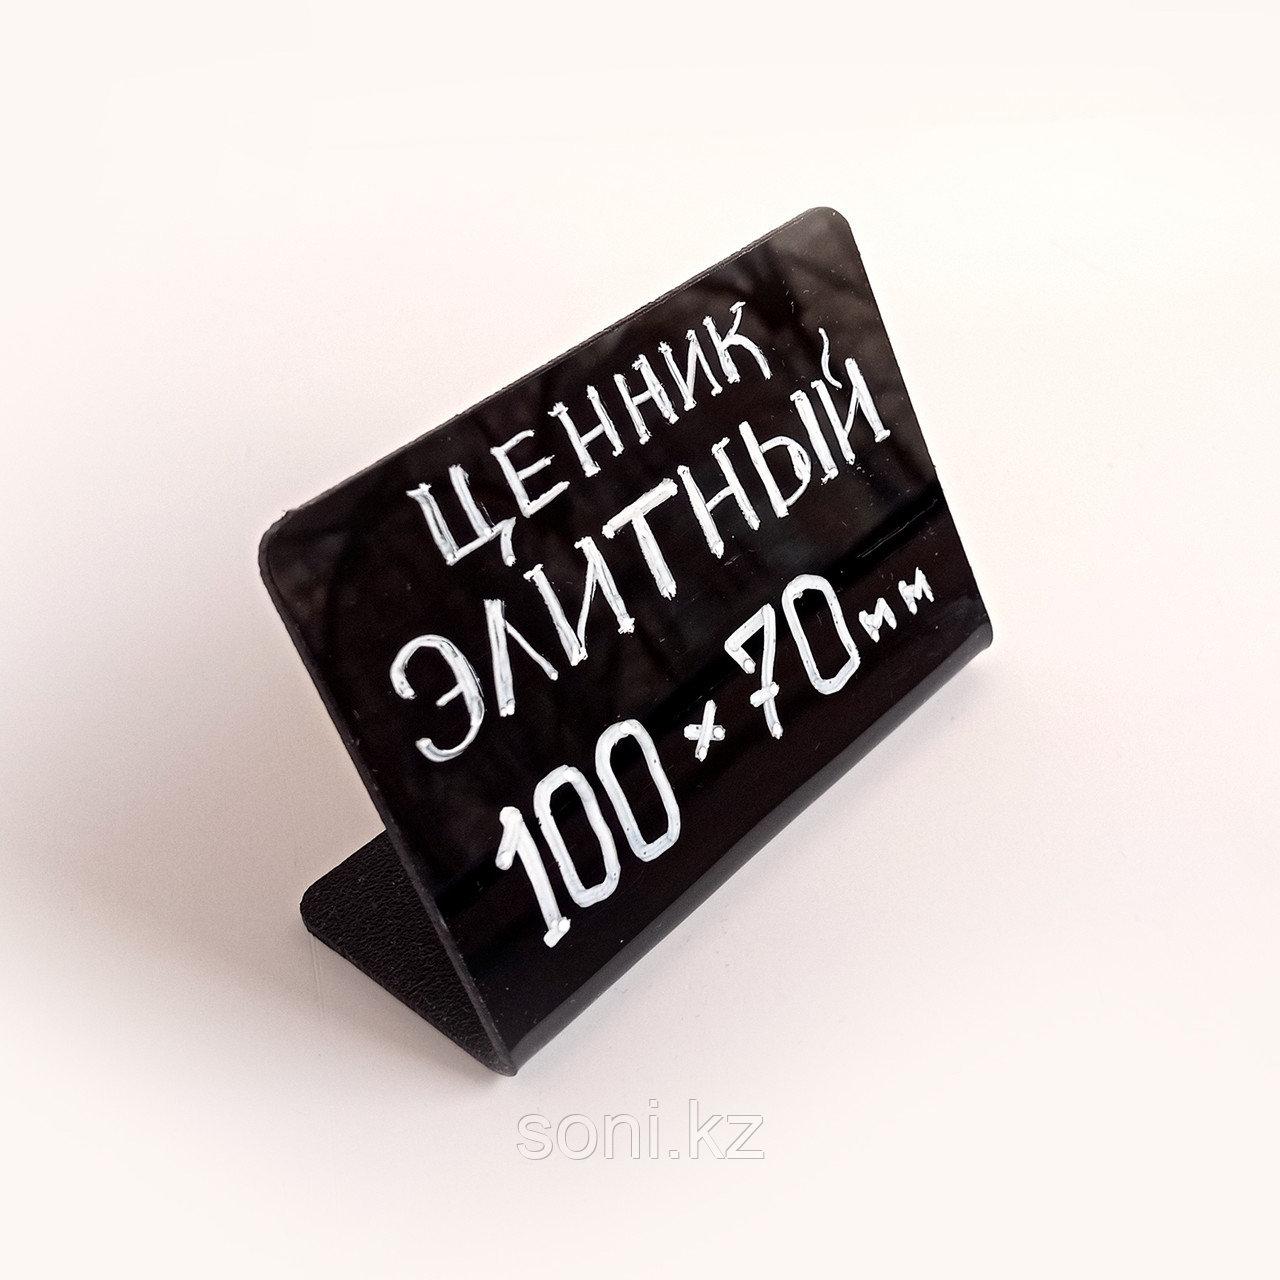 Ценник черный  ЭЛИТНЫЙ (100х70мм) для записи меловым маркером